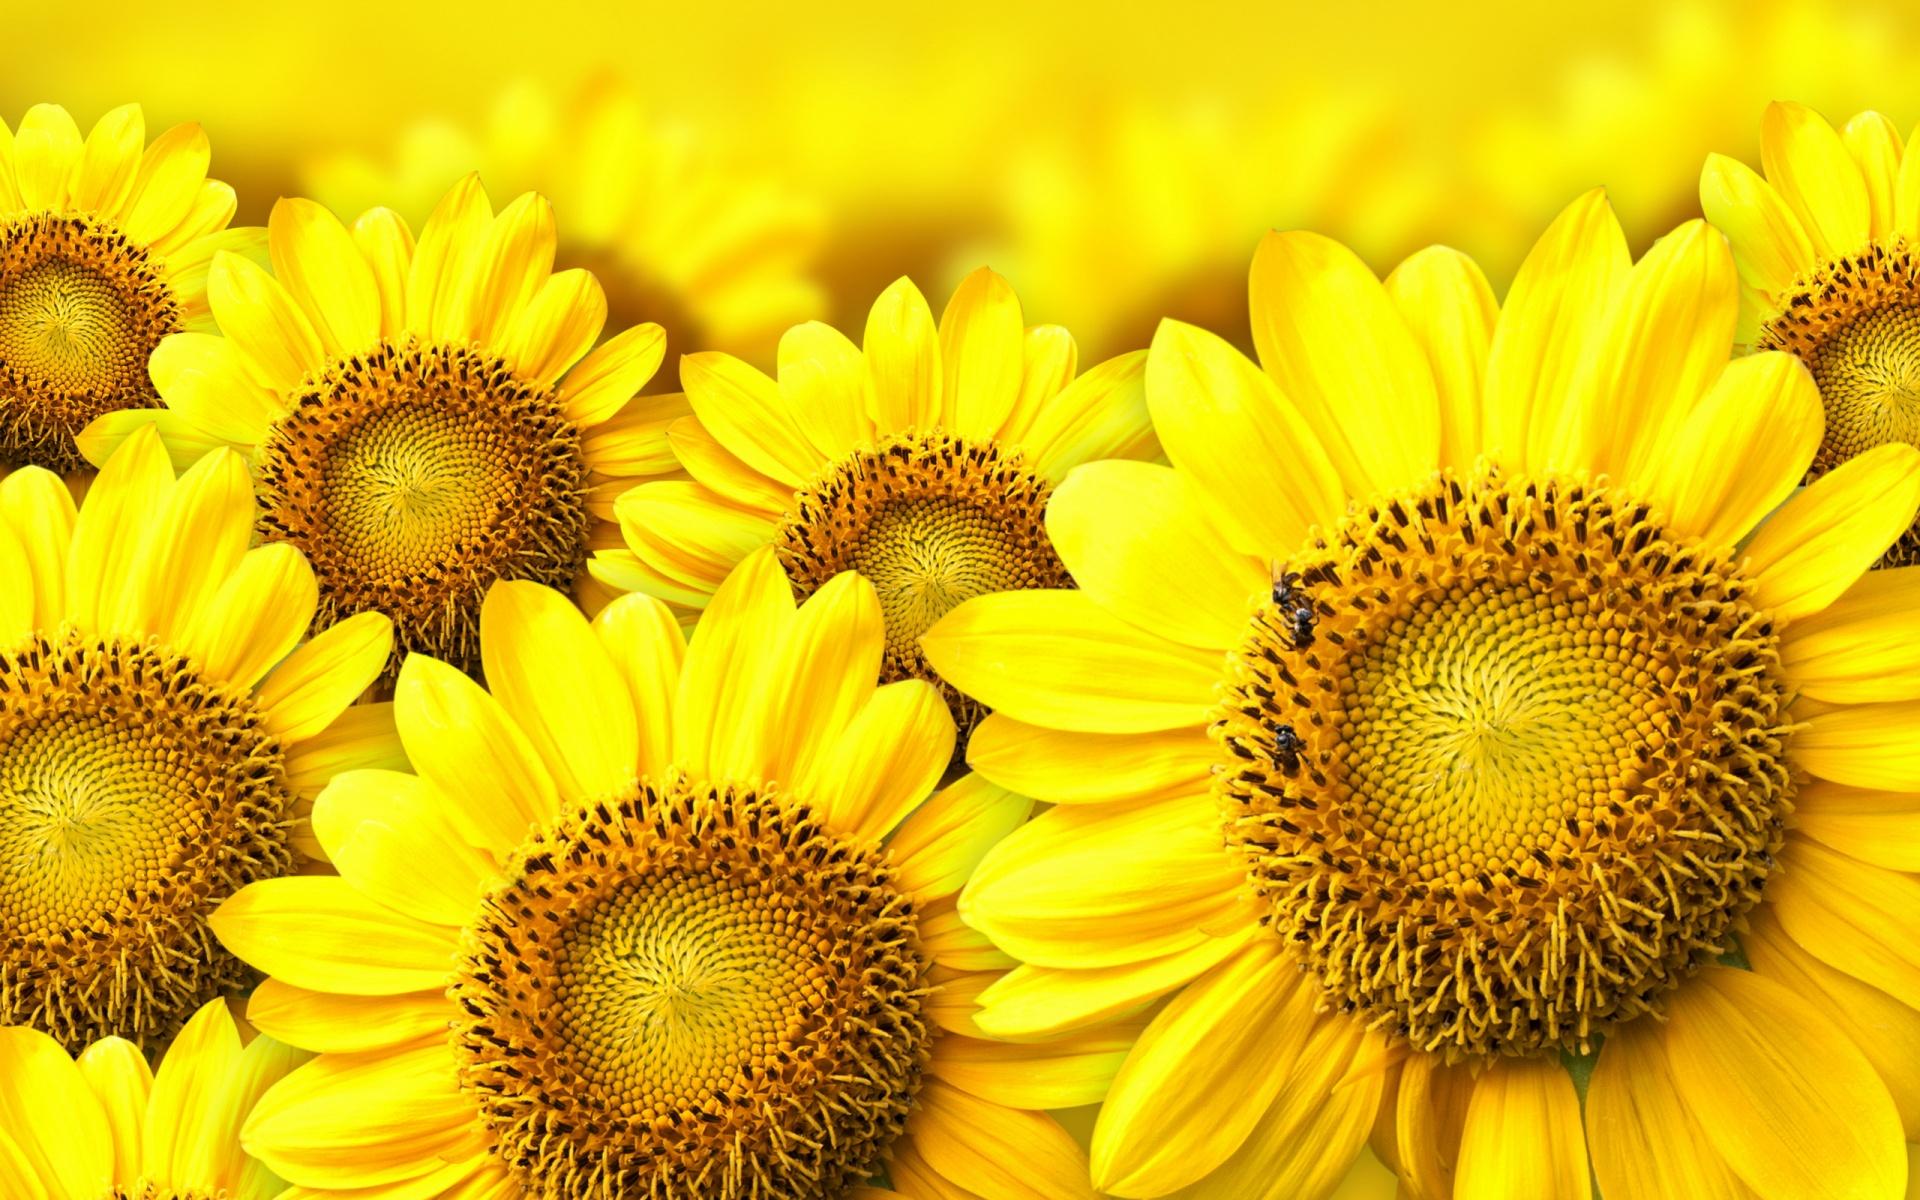 beautiful sunflower wallpaper